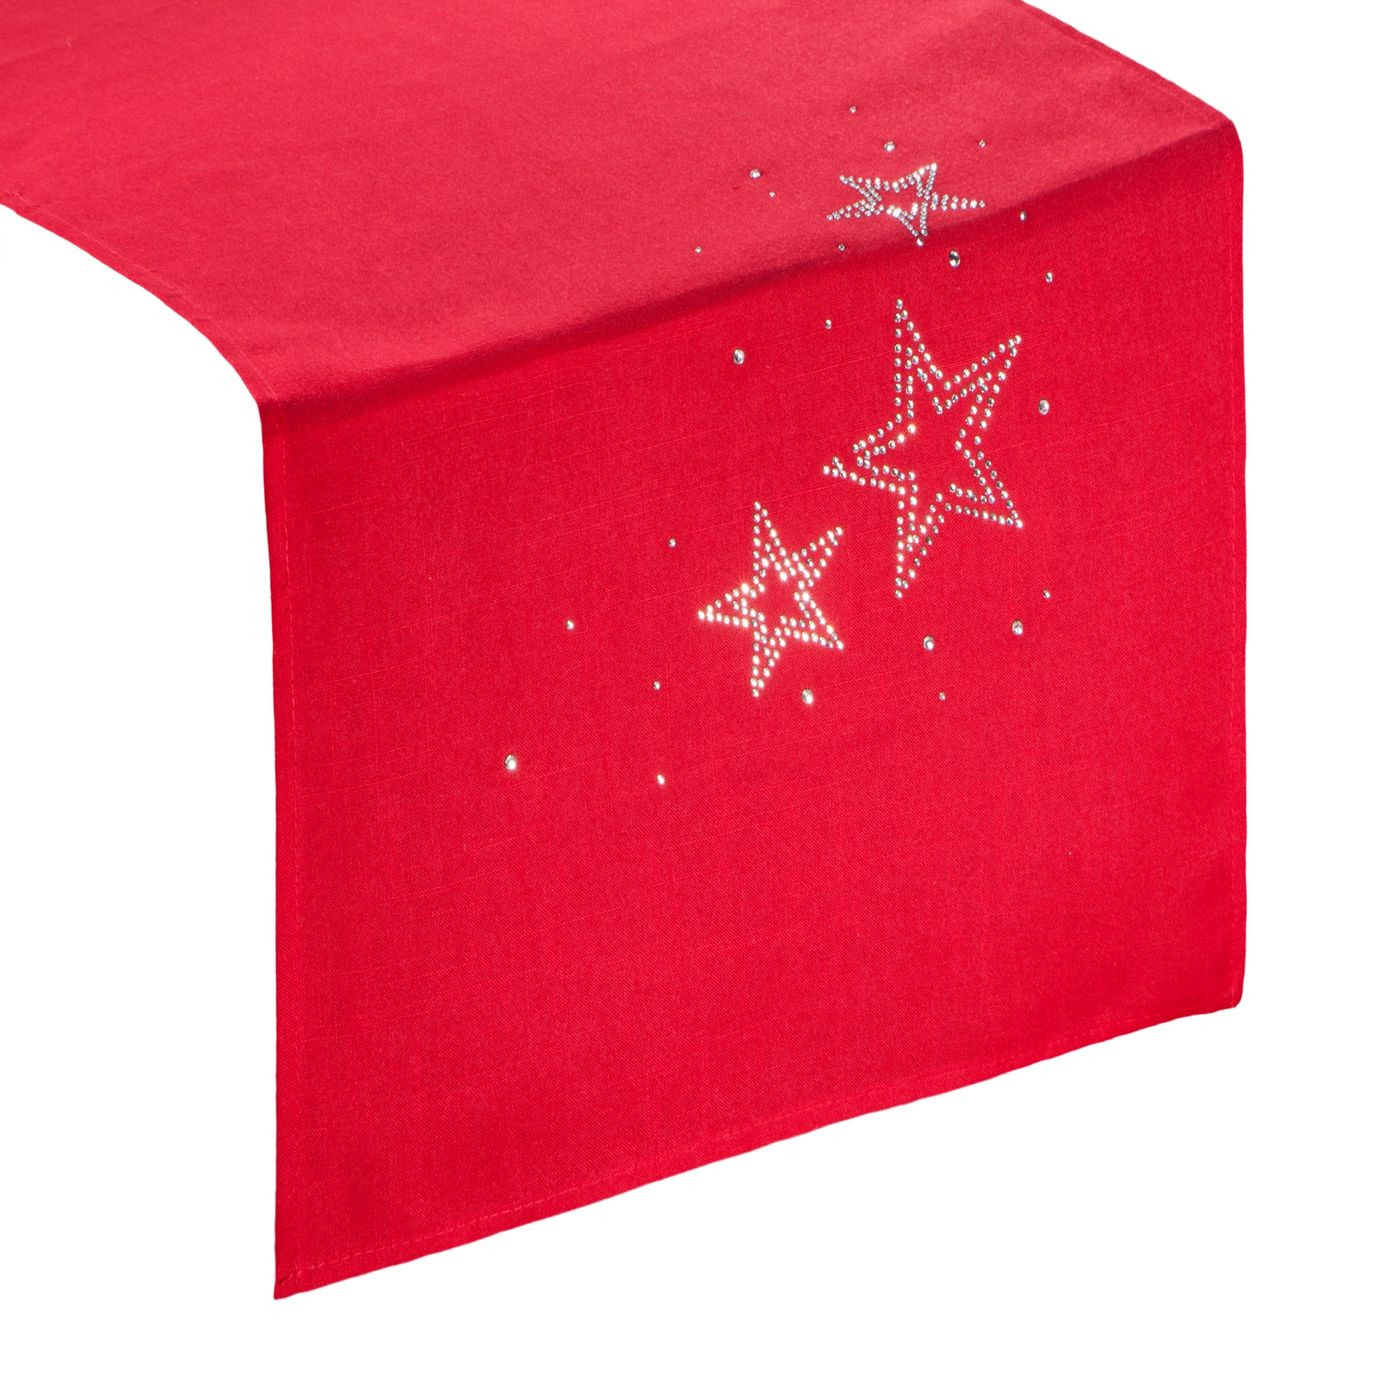 Czerwony BIEŻNIK ŚWIĄTECZNY z choinką z cyrkonii 40x140 cm